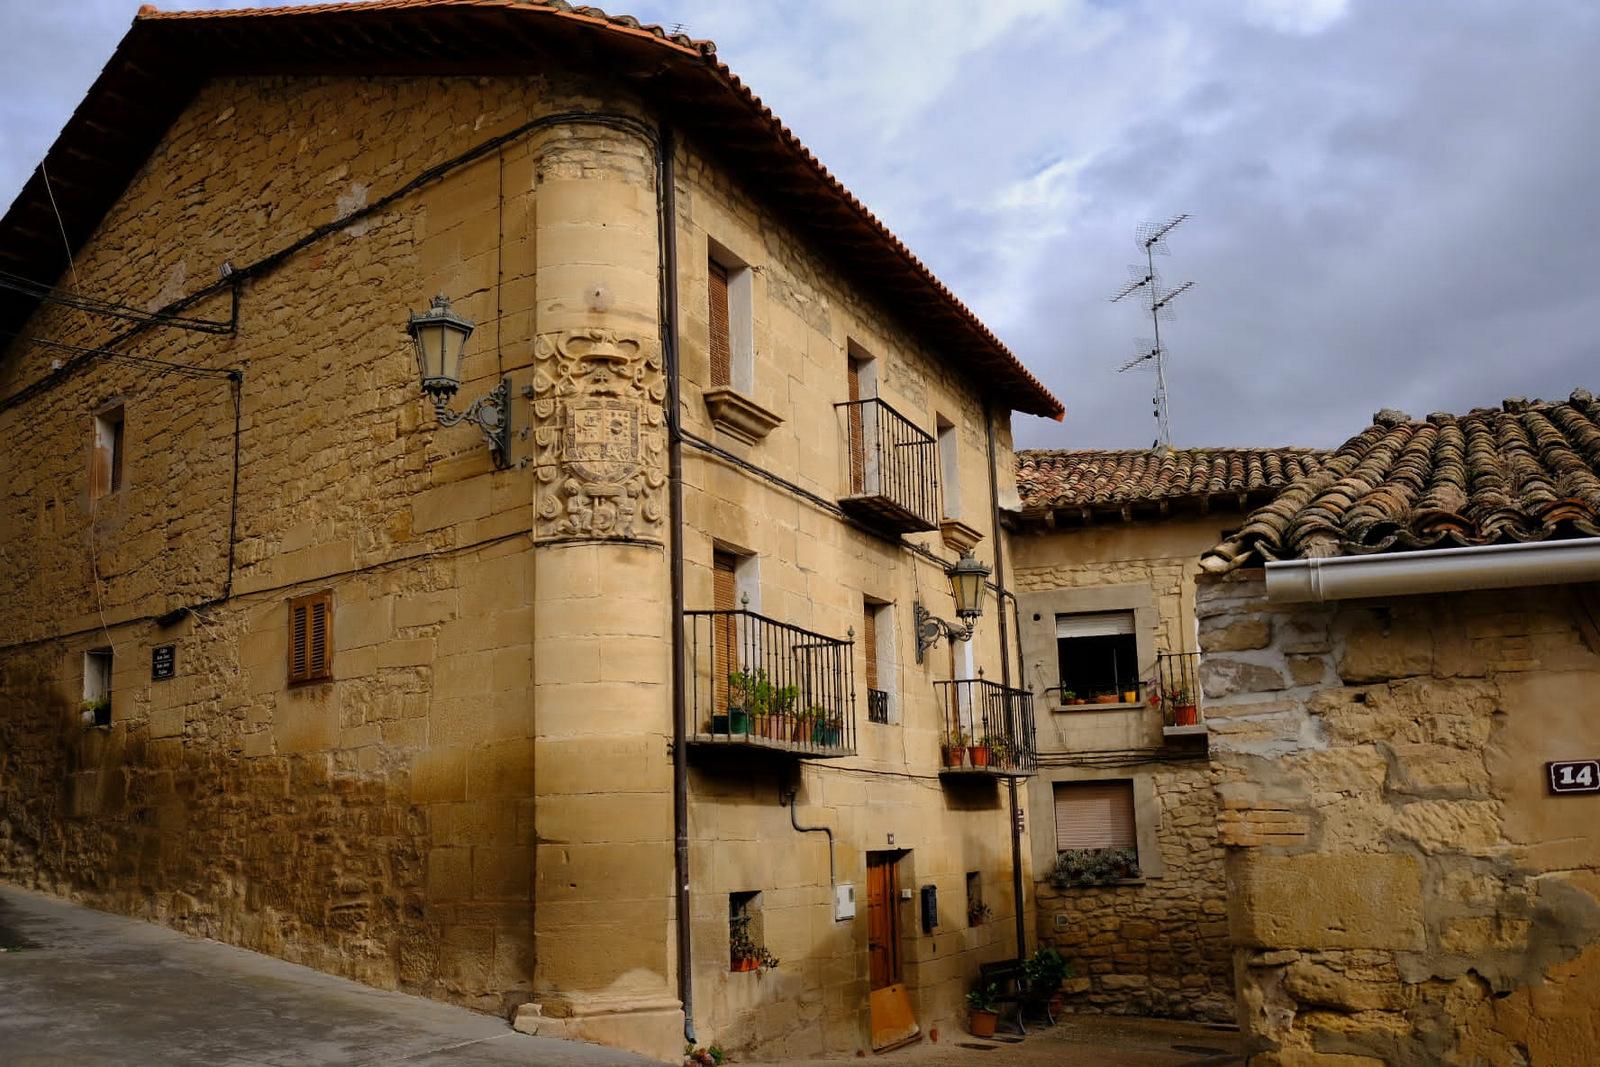 Moreda de Álava, Rioja Alavesa